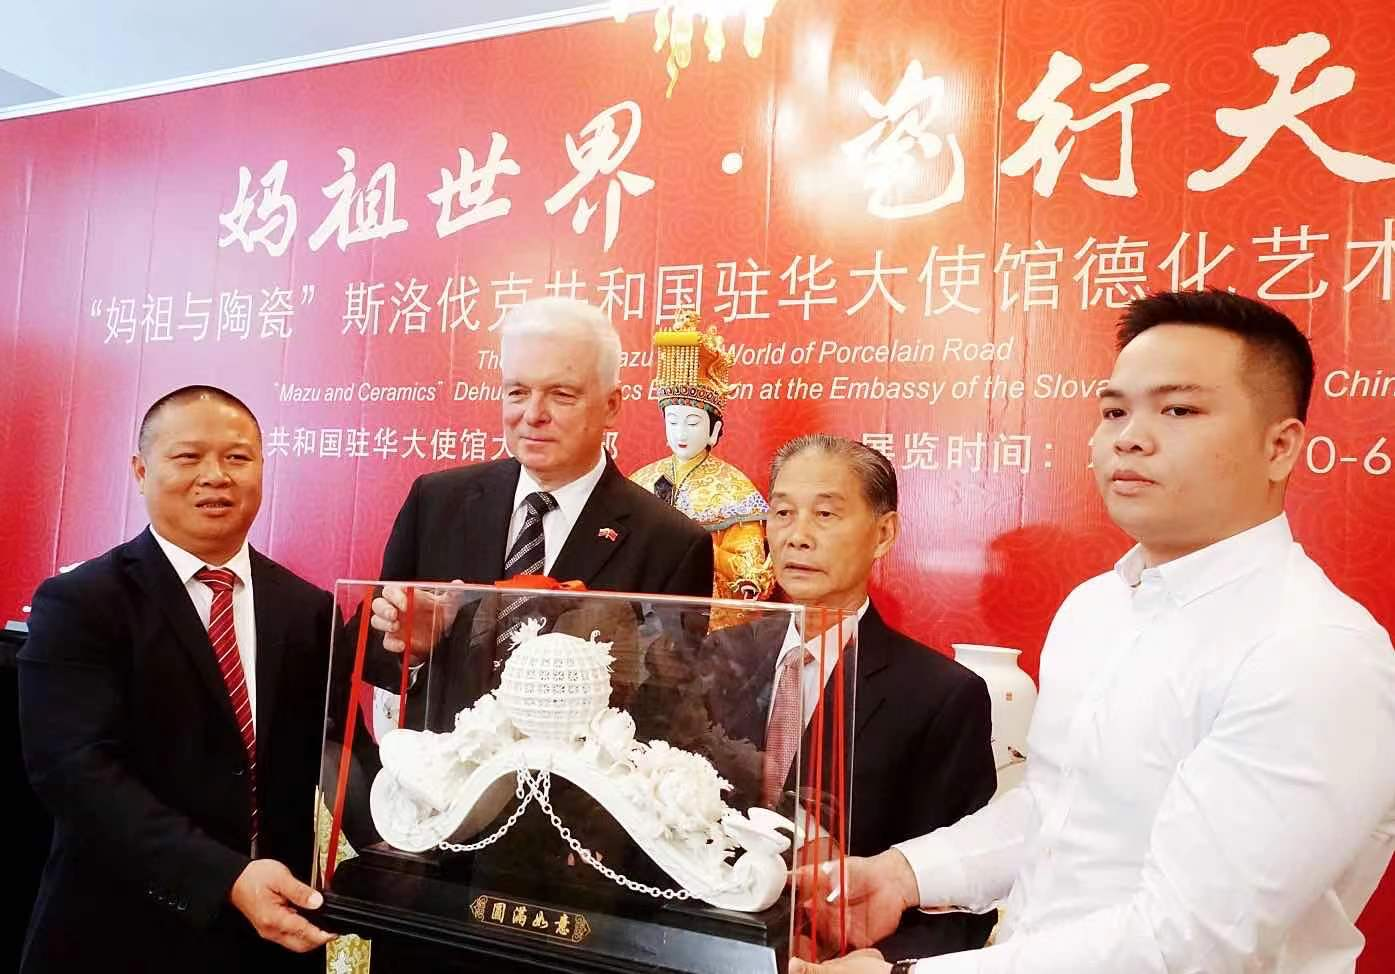 弘扬妈祖文化,斯洛伐克驻华使馆举办福建德化艺术陶瓷展